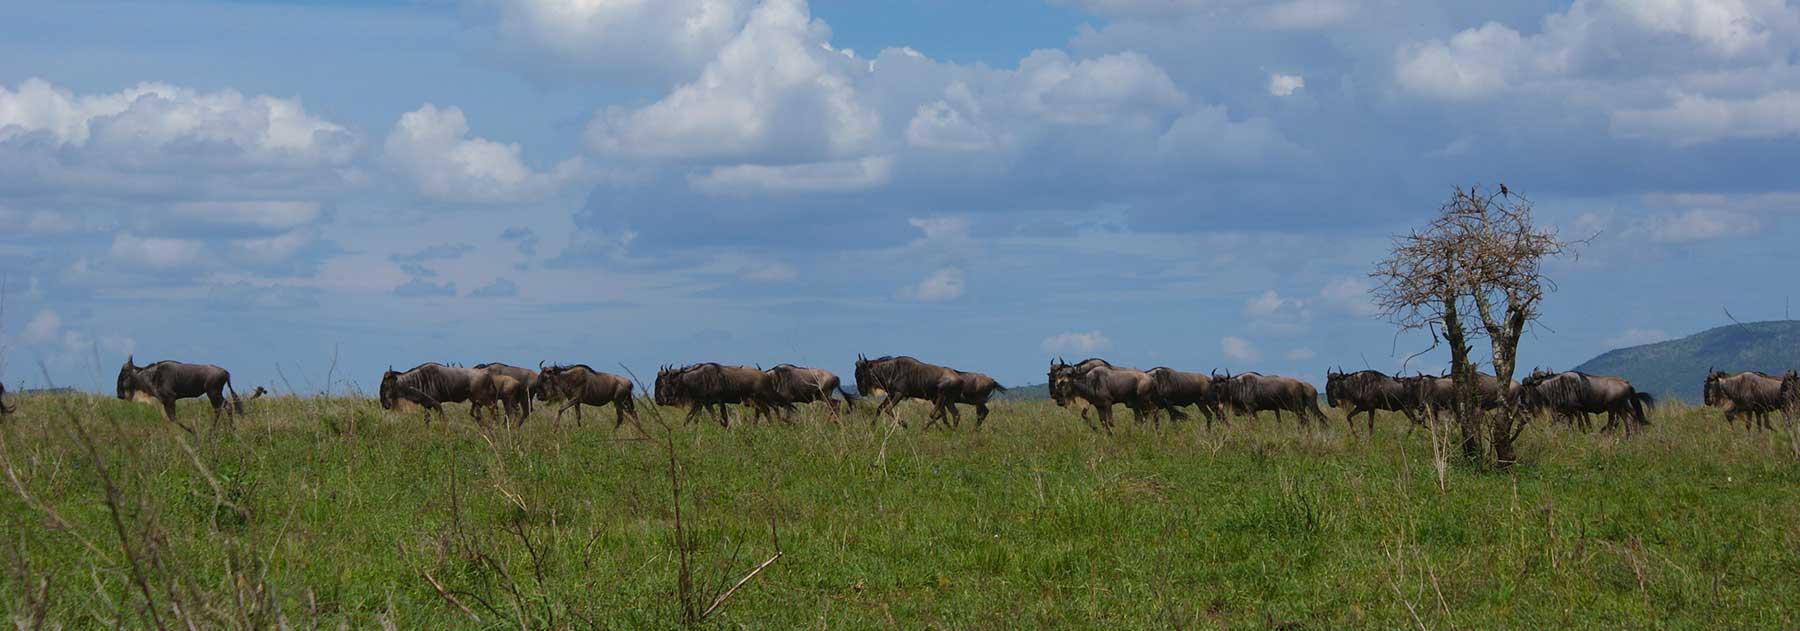 Gnu-antilooppeja Serengetissä